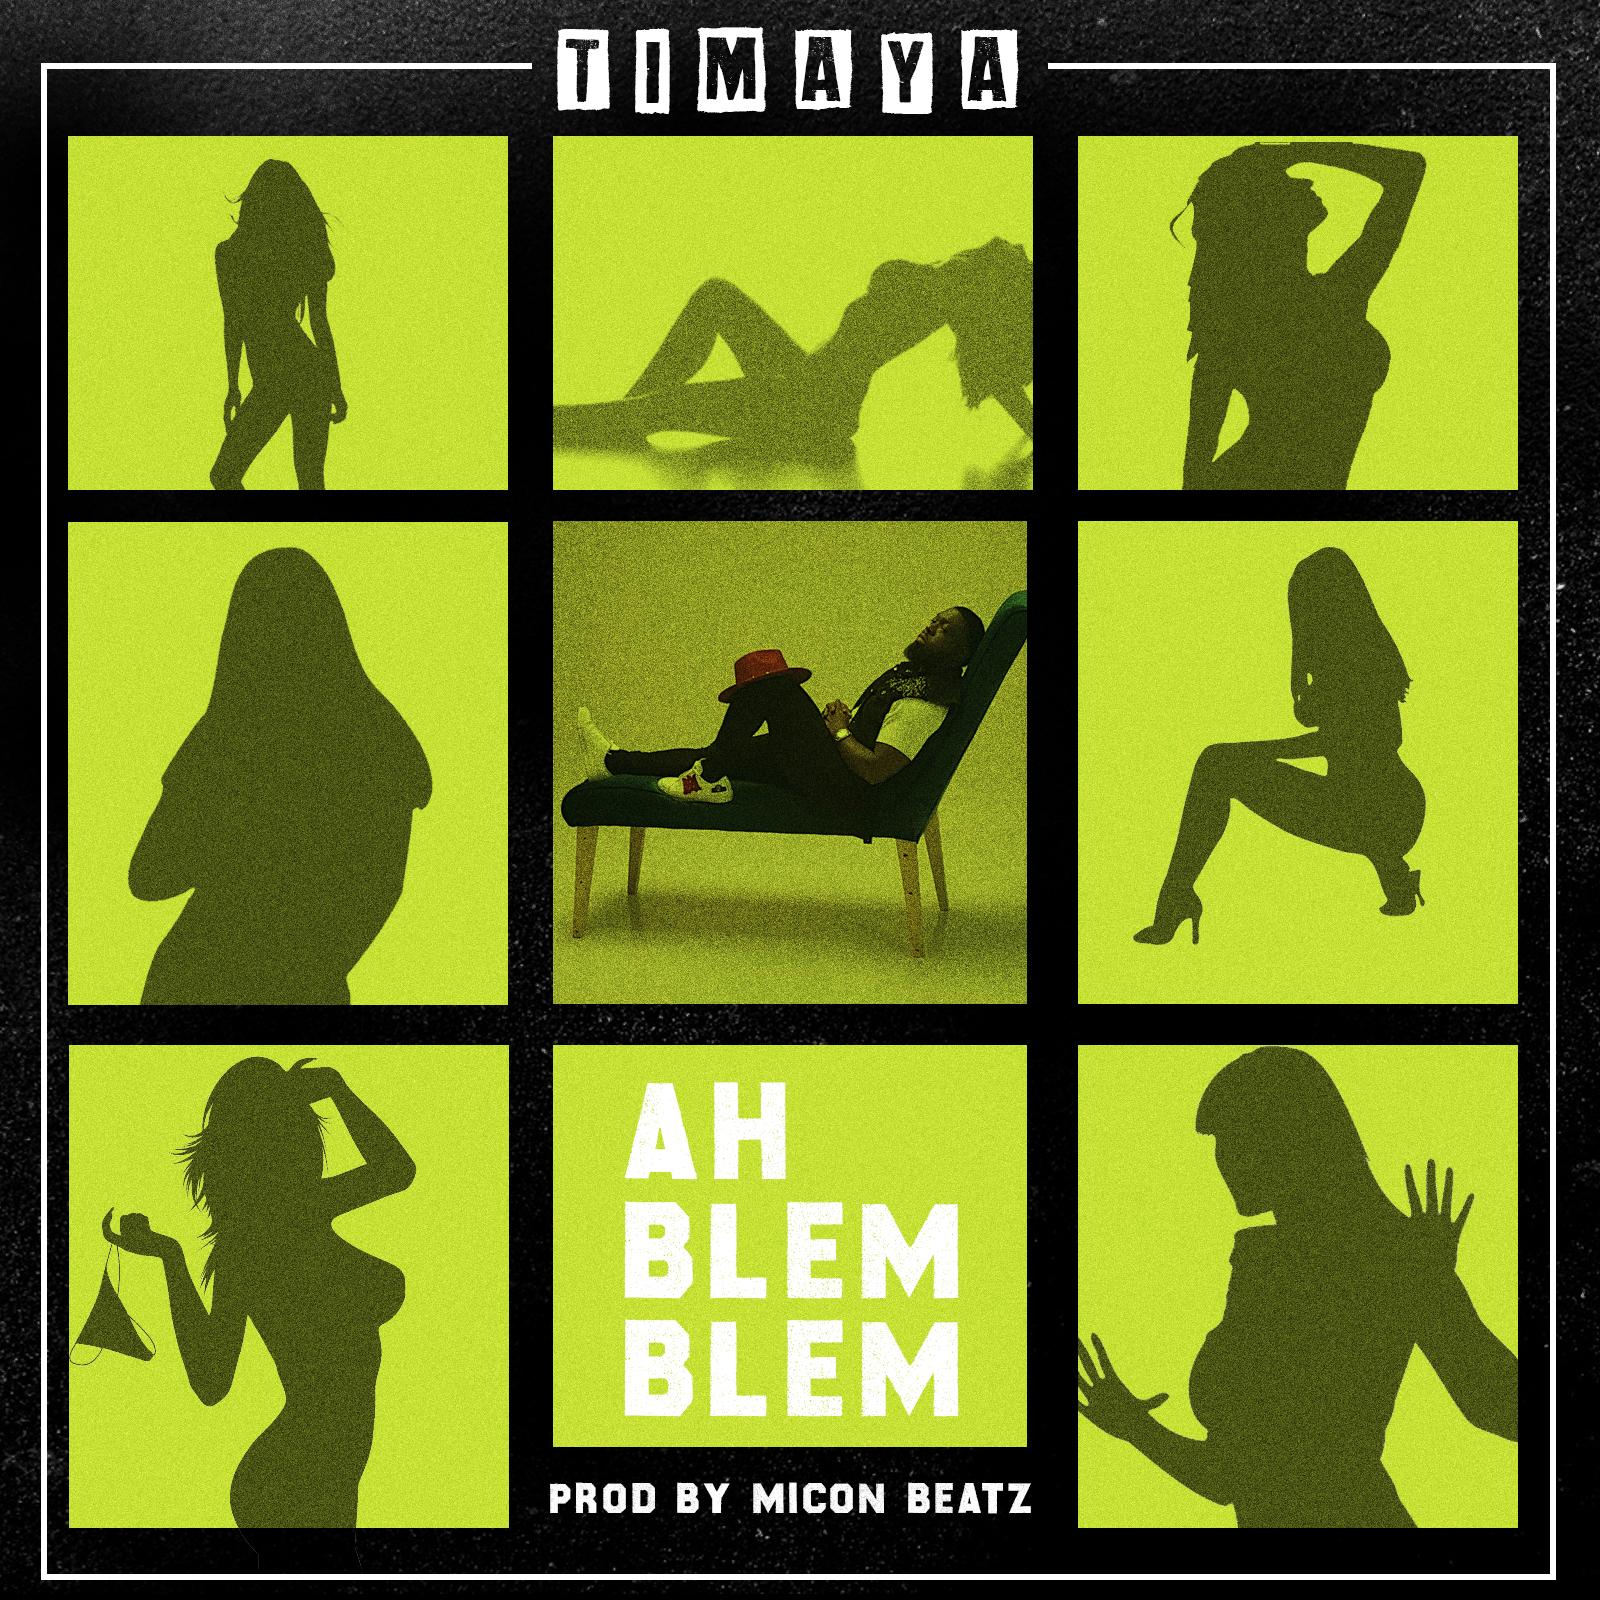 Timaya - Ah Blem Blem (Prod. by Micon Beatz)